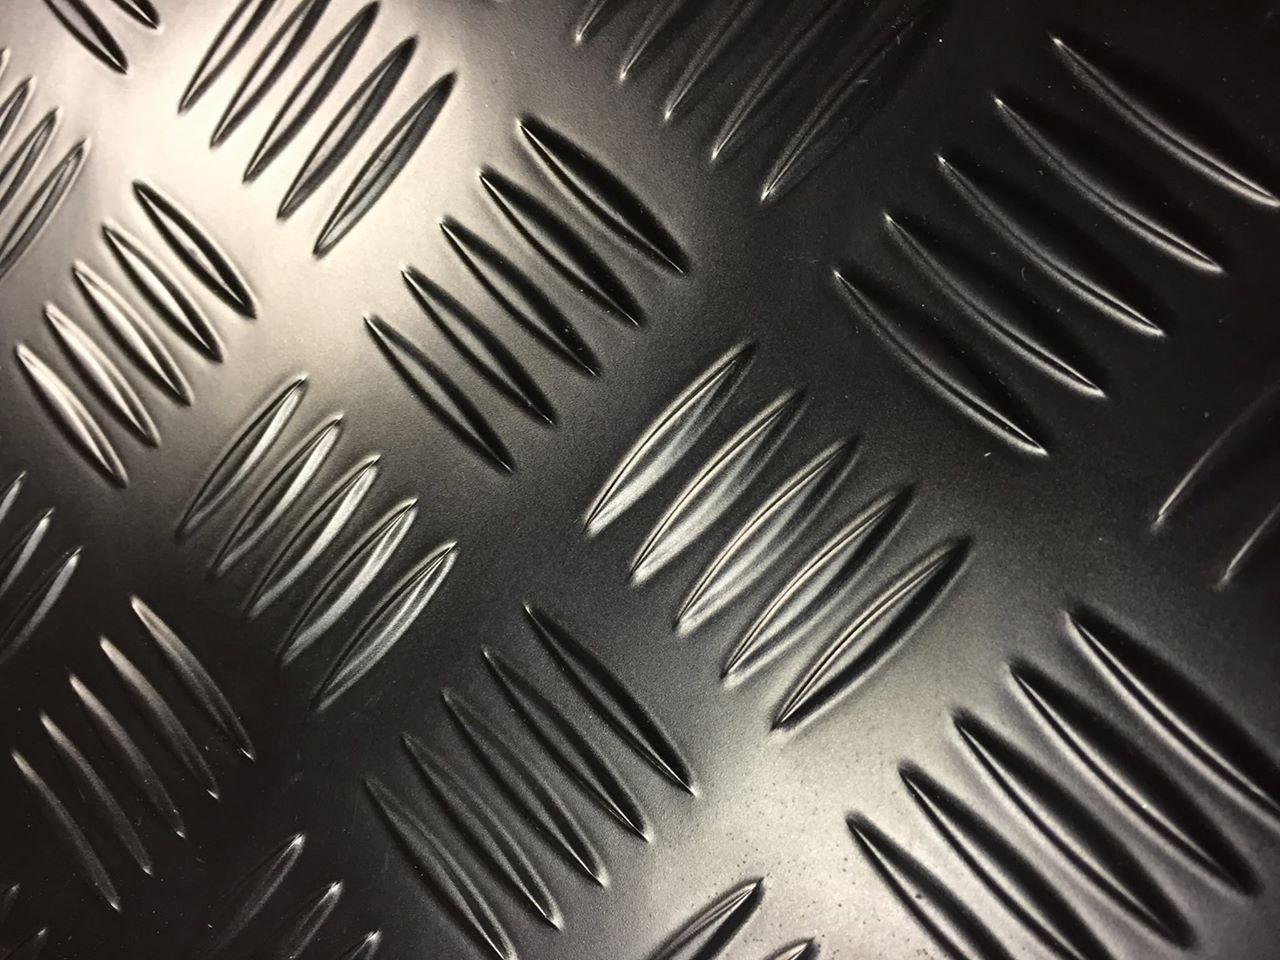 Pulverbeschichtete Aluminiumbleche (Quintettbleche)